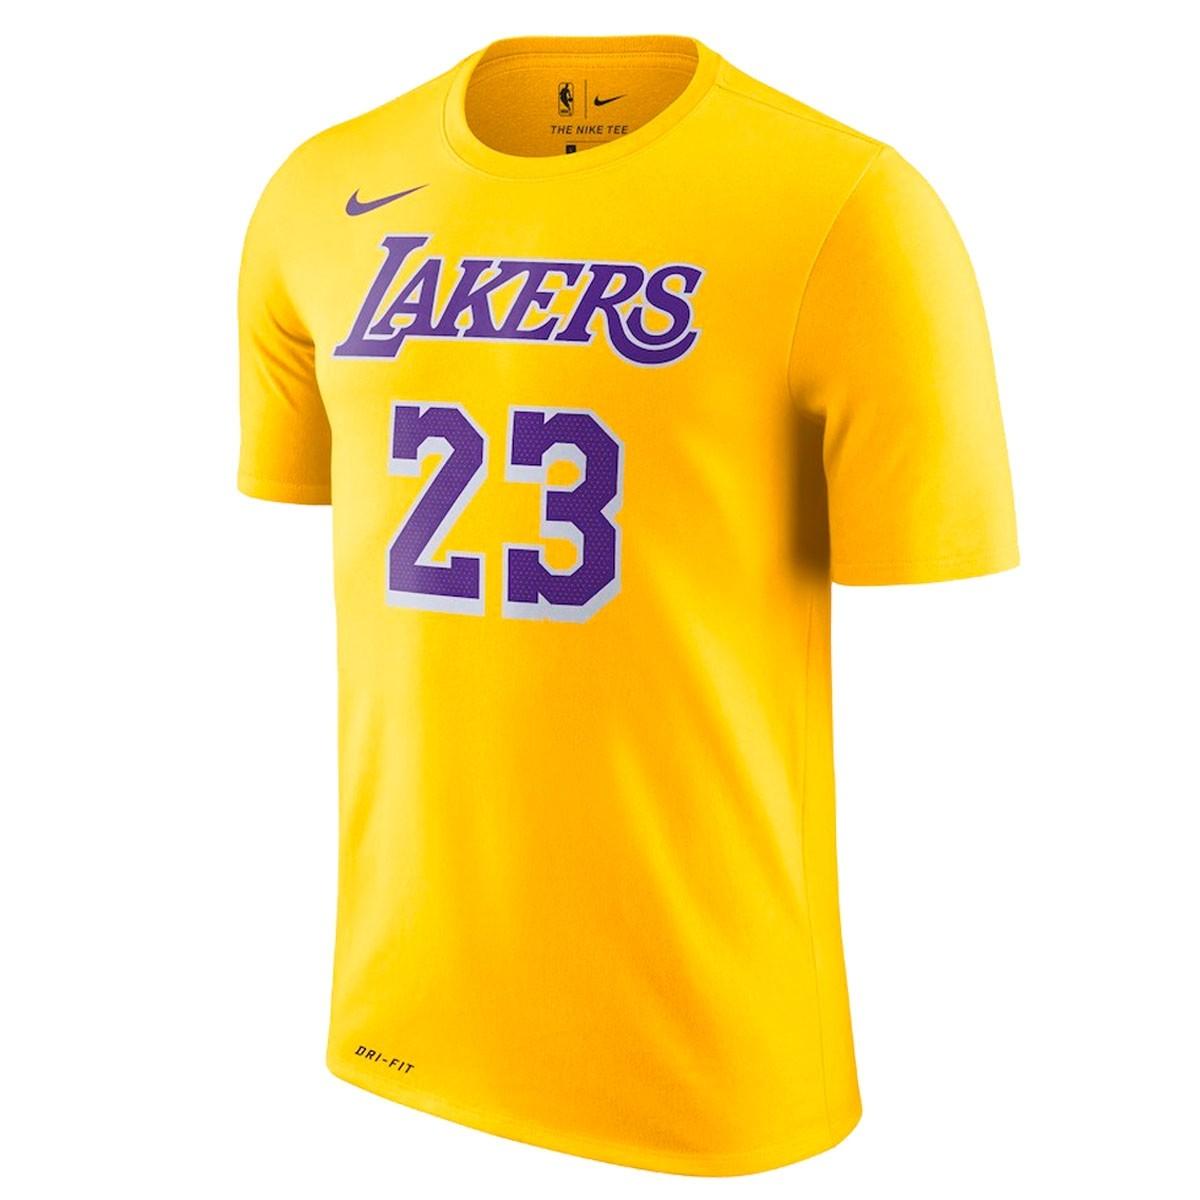 Nike Junior NBA Lakers Nick Name Tee James 'Icon Edition'